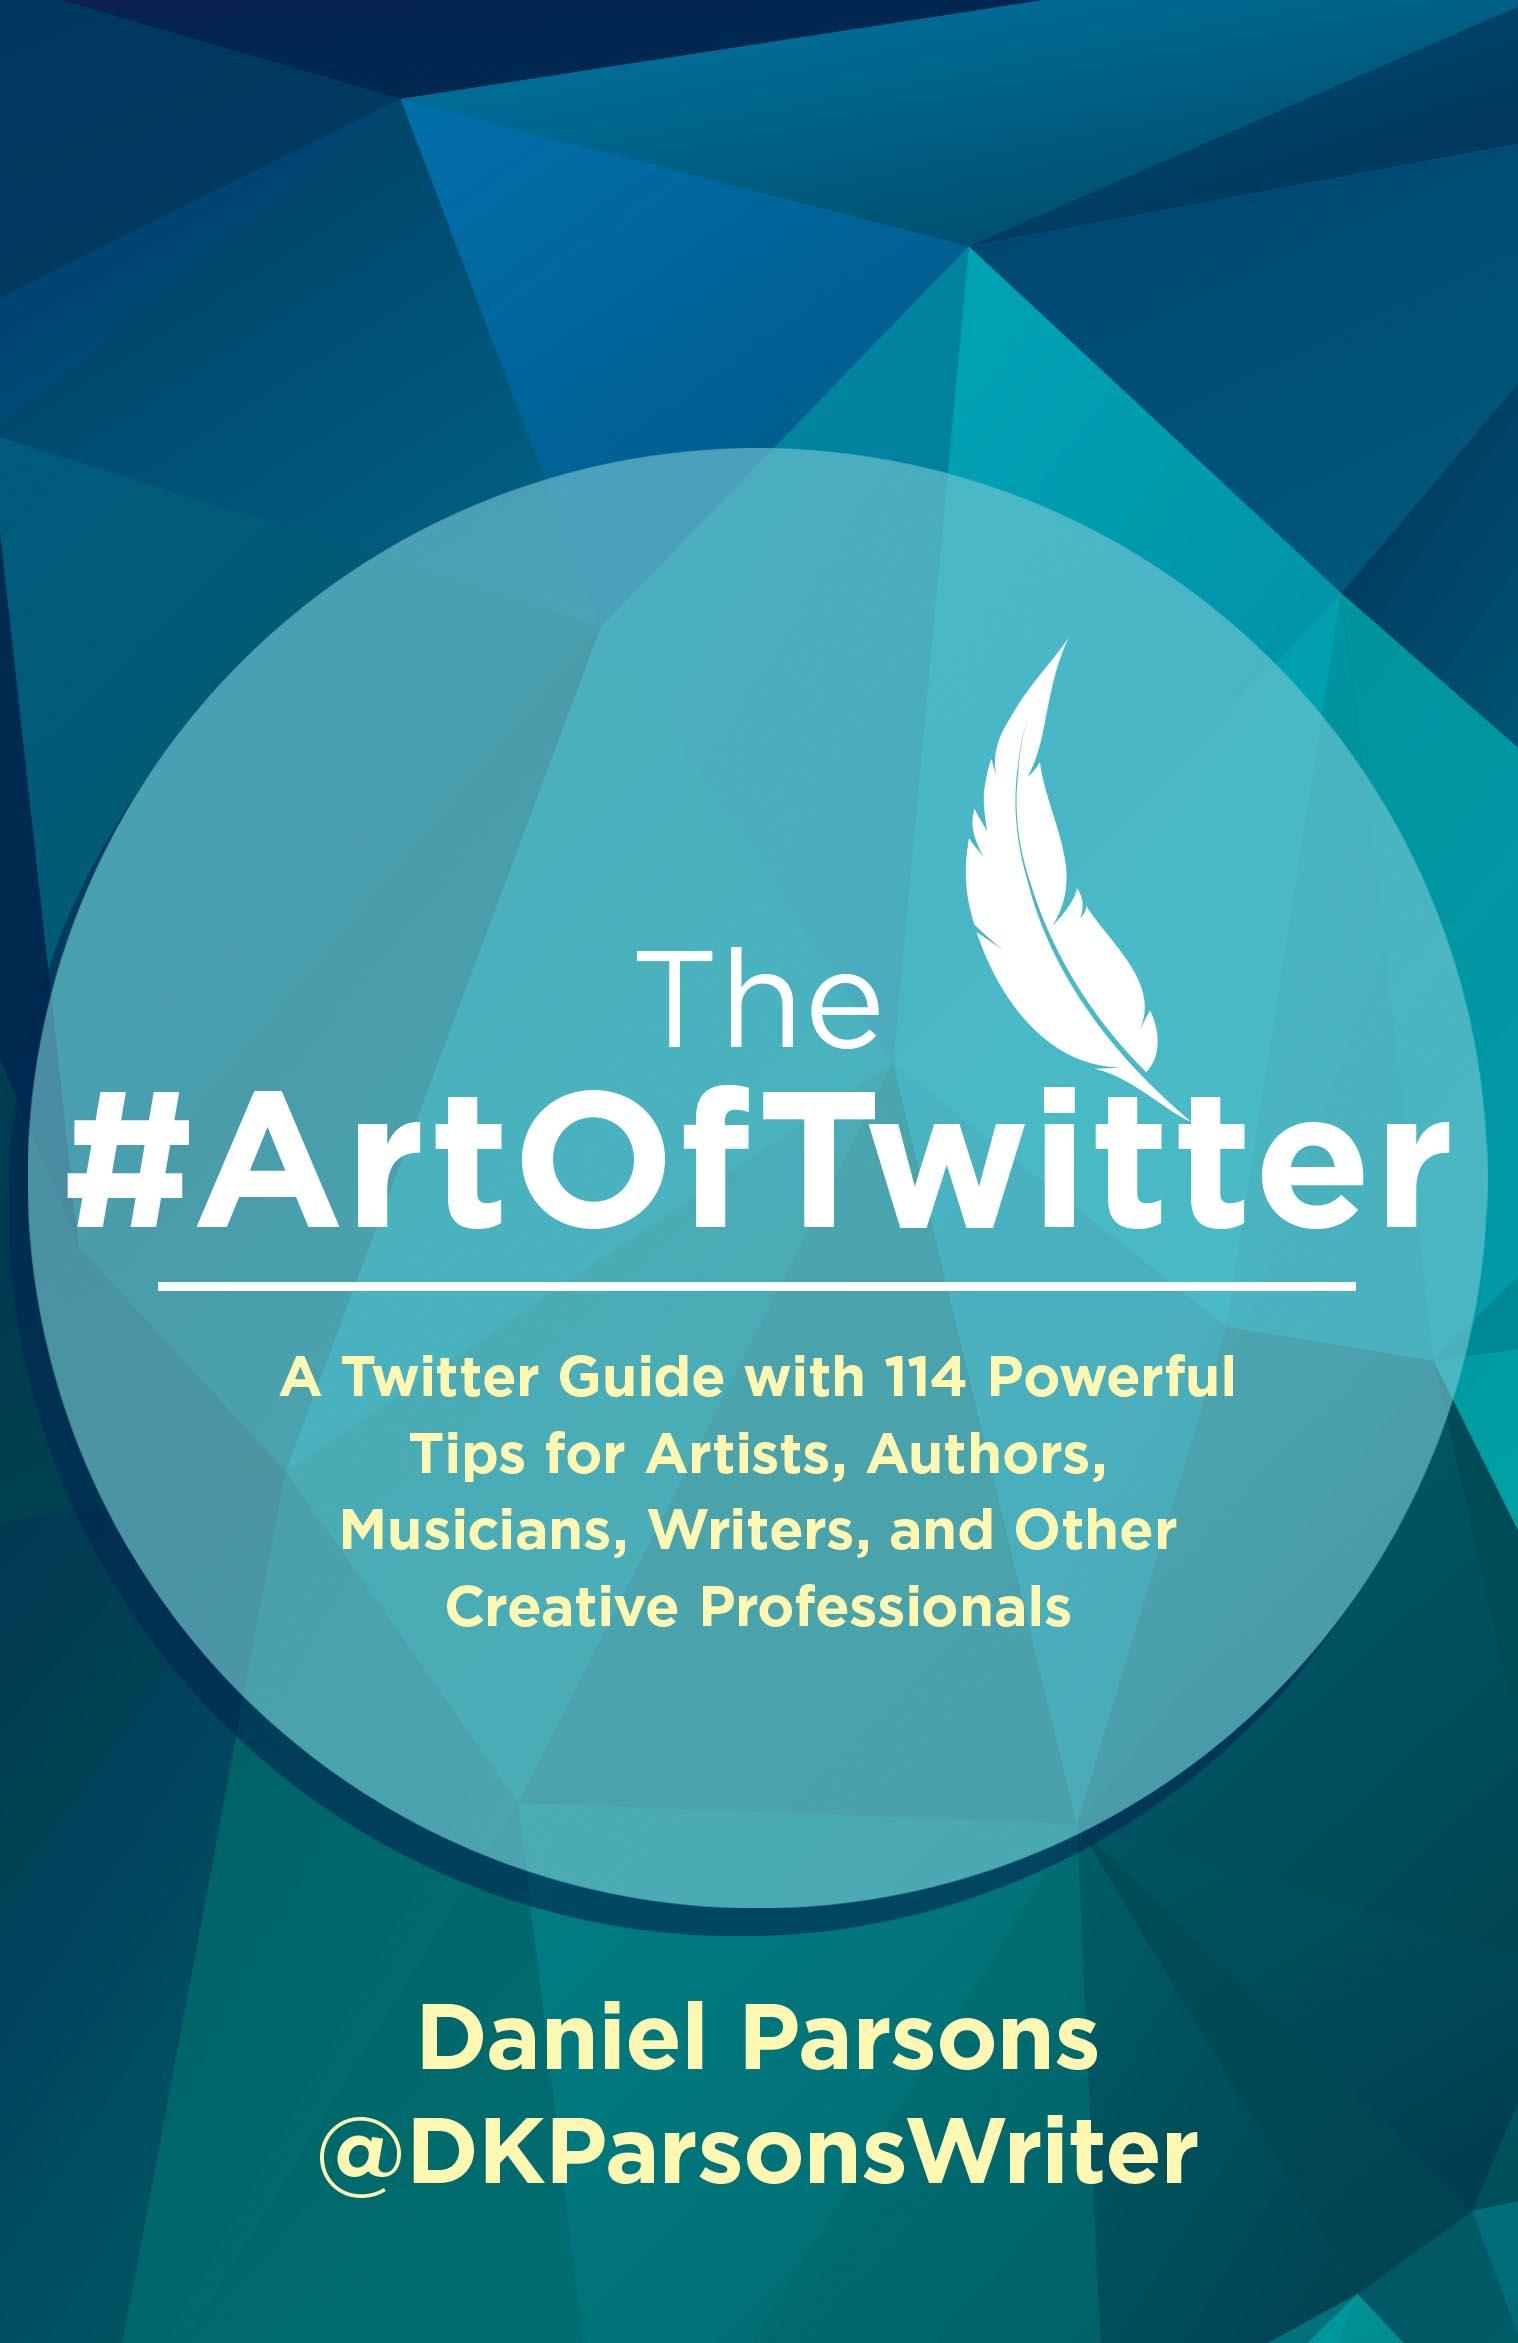 #ArtOfTwitter